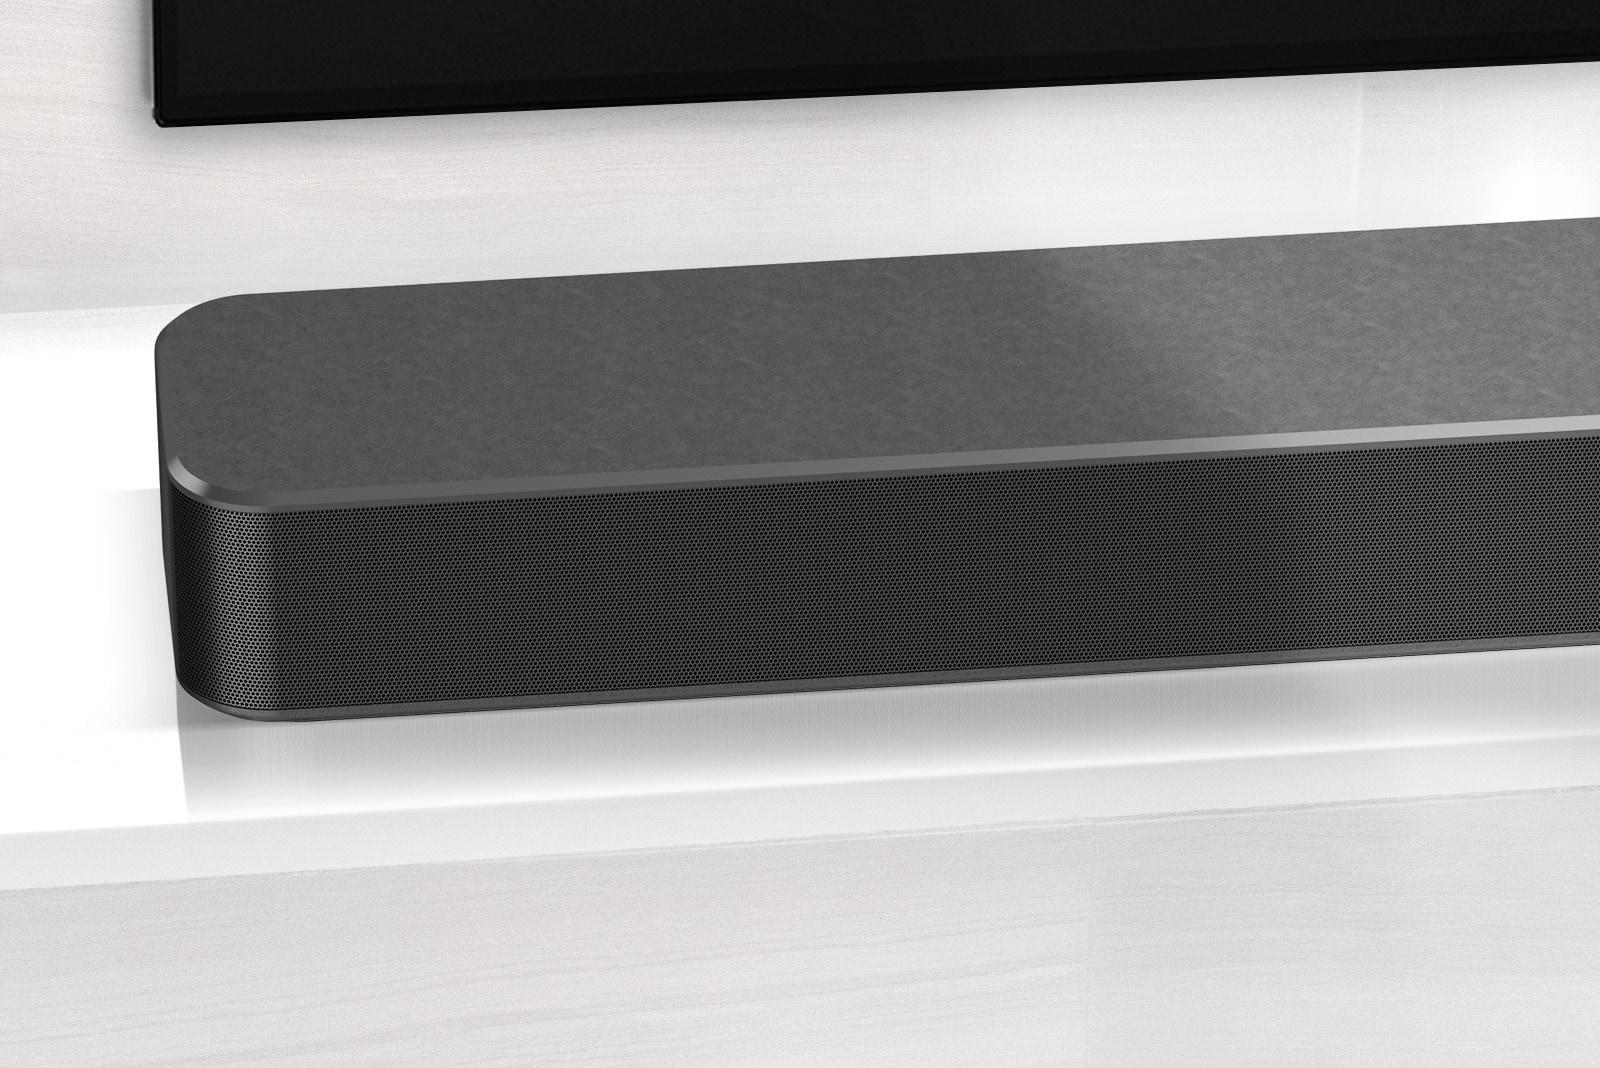 Ảnh cận cảnh góc phía trái của Loa thanh LG. Hiển thị cả cạnh phía dưới bên trái của TV.